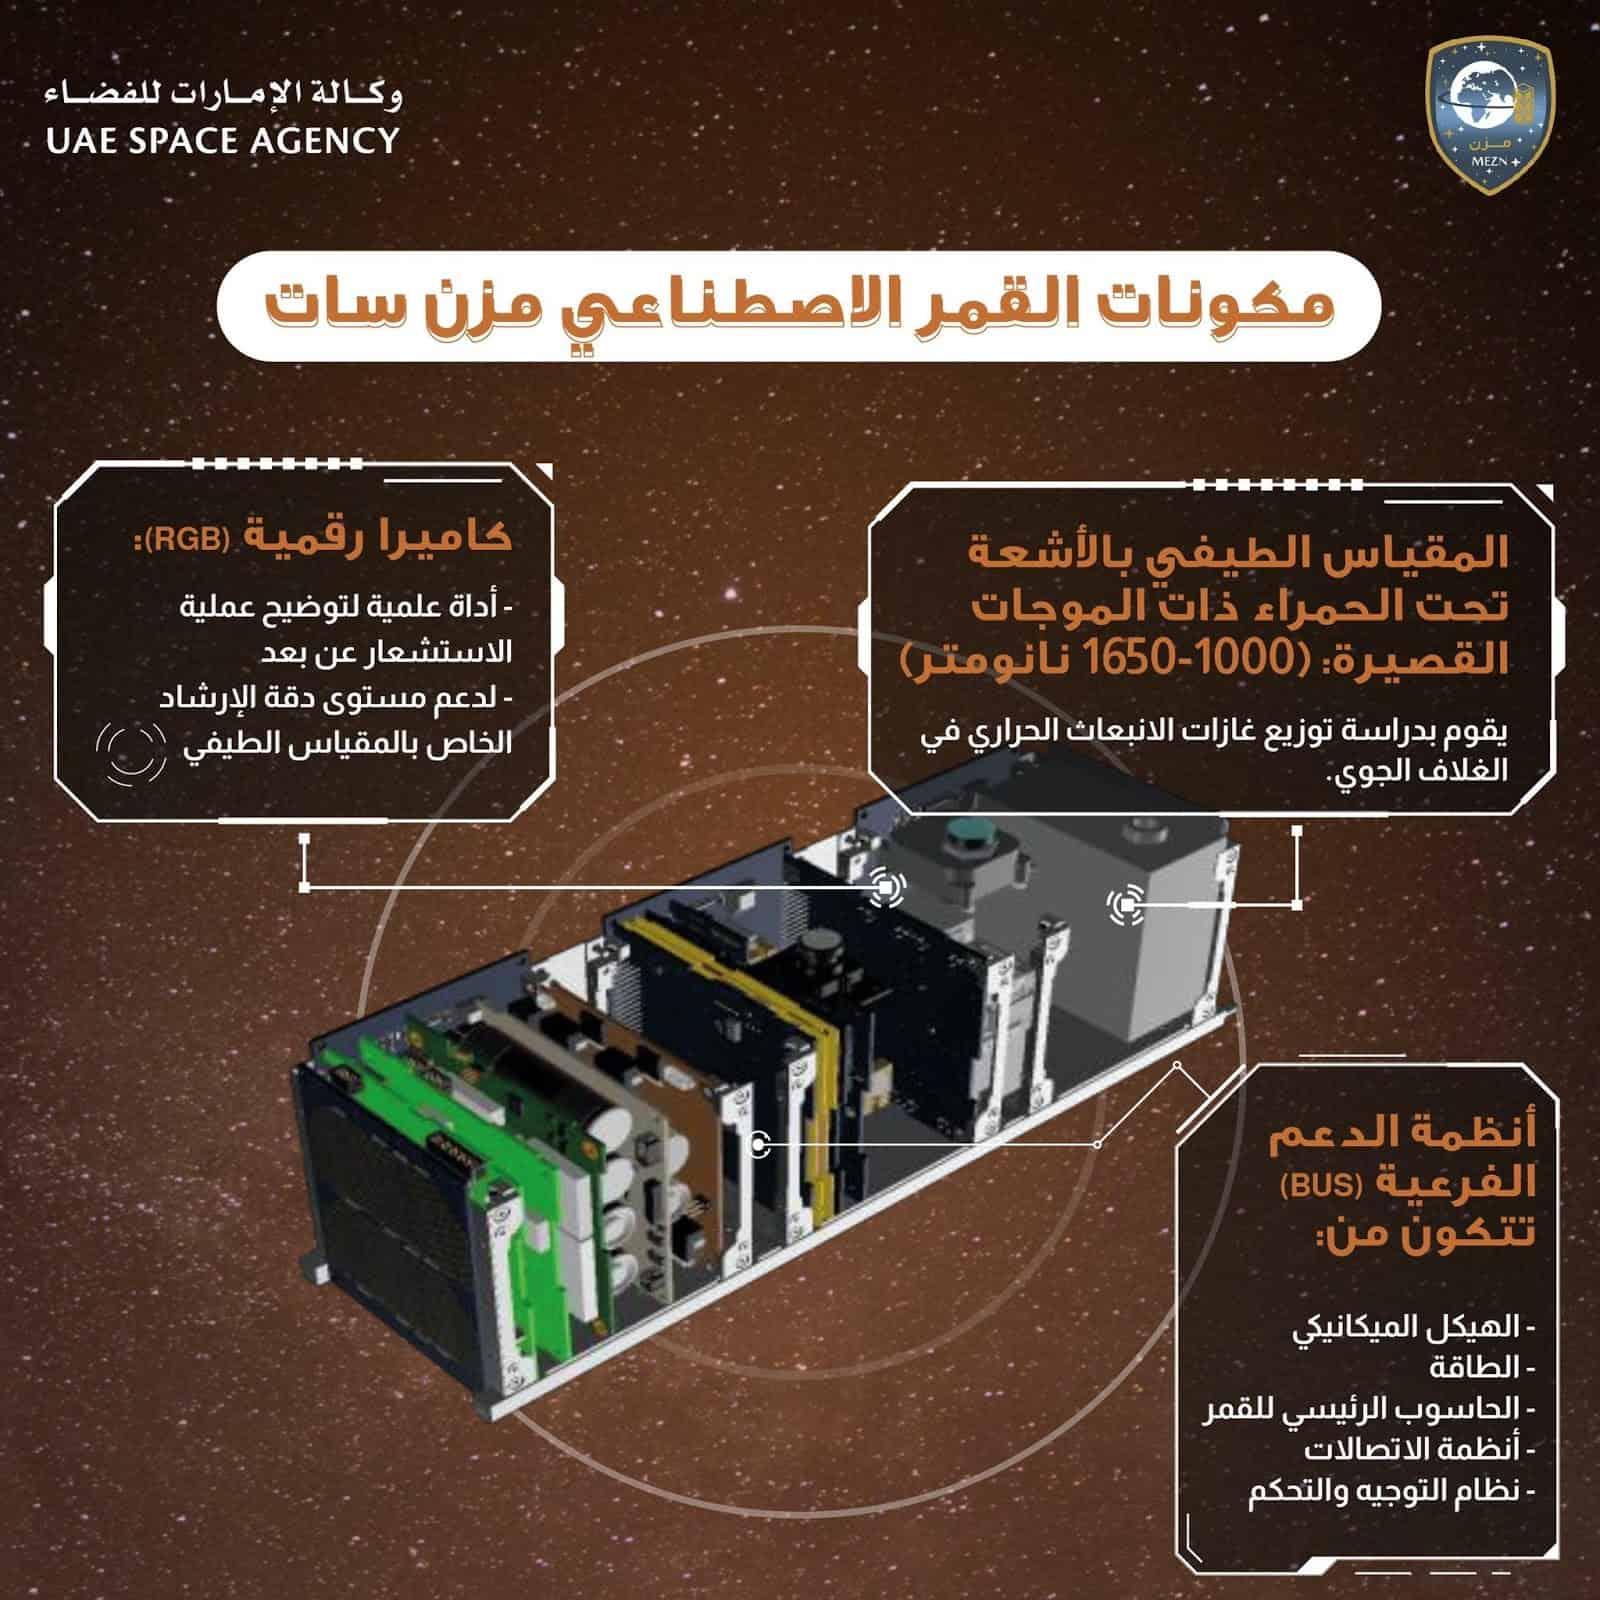 مشروع استكشاف القمر إطلاق مزن سات